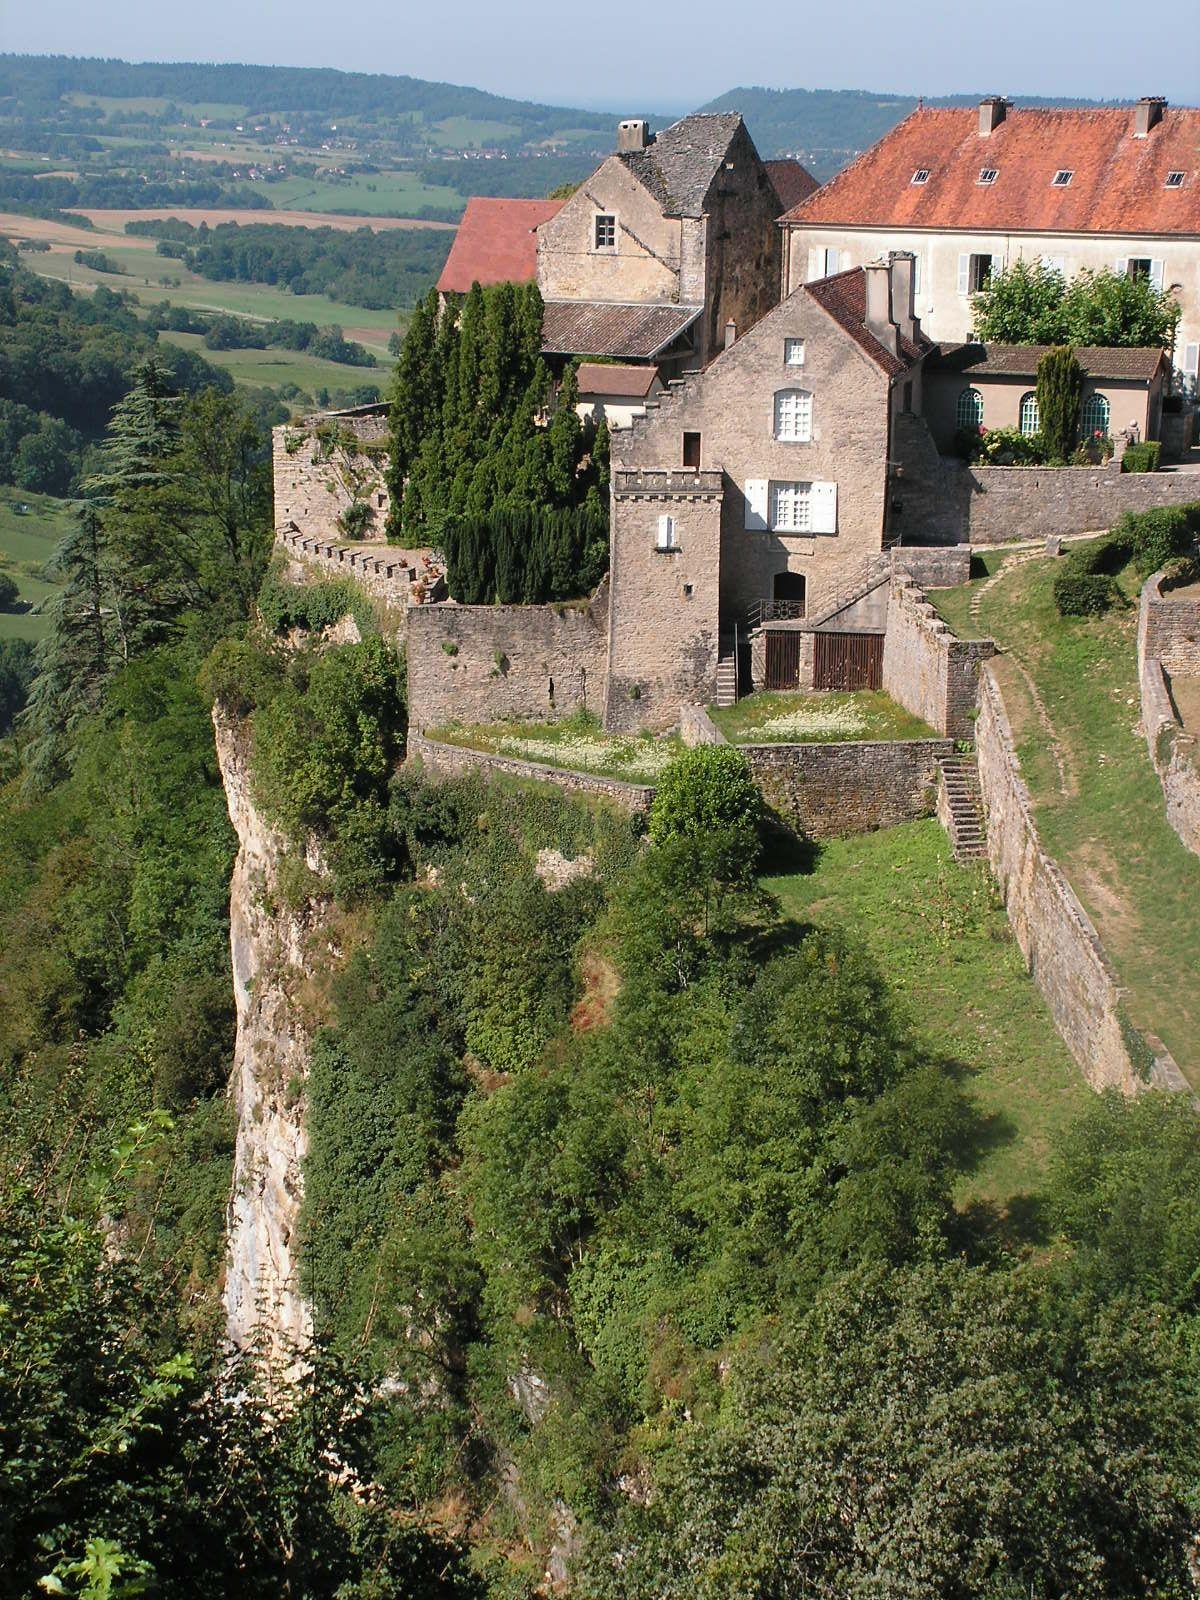 Franche Comte Jura Chateau Chalon Chateau Chalon Franche Comte Vacances En France